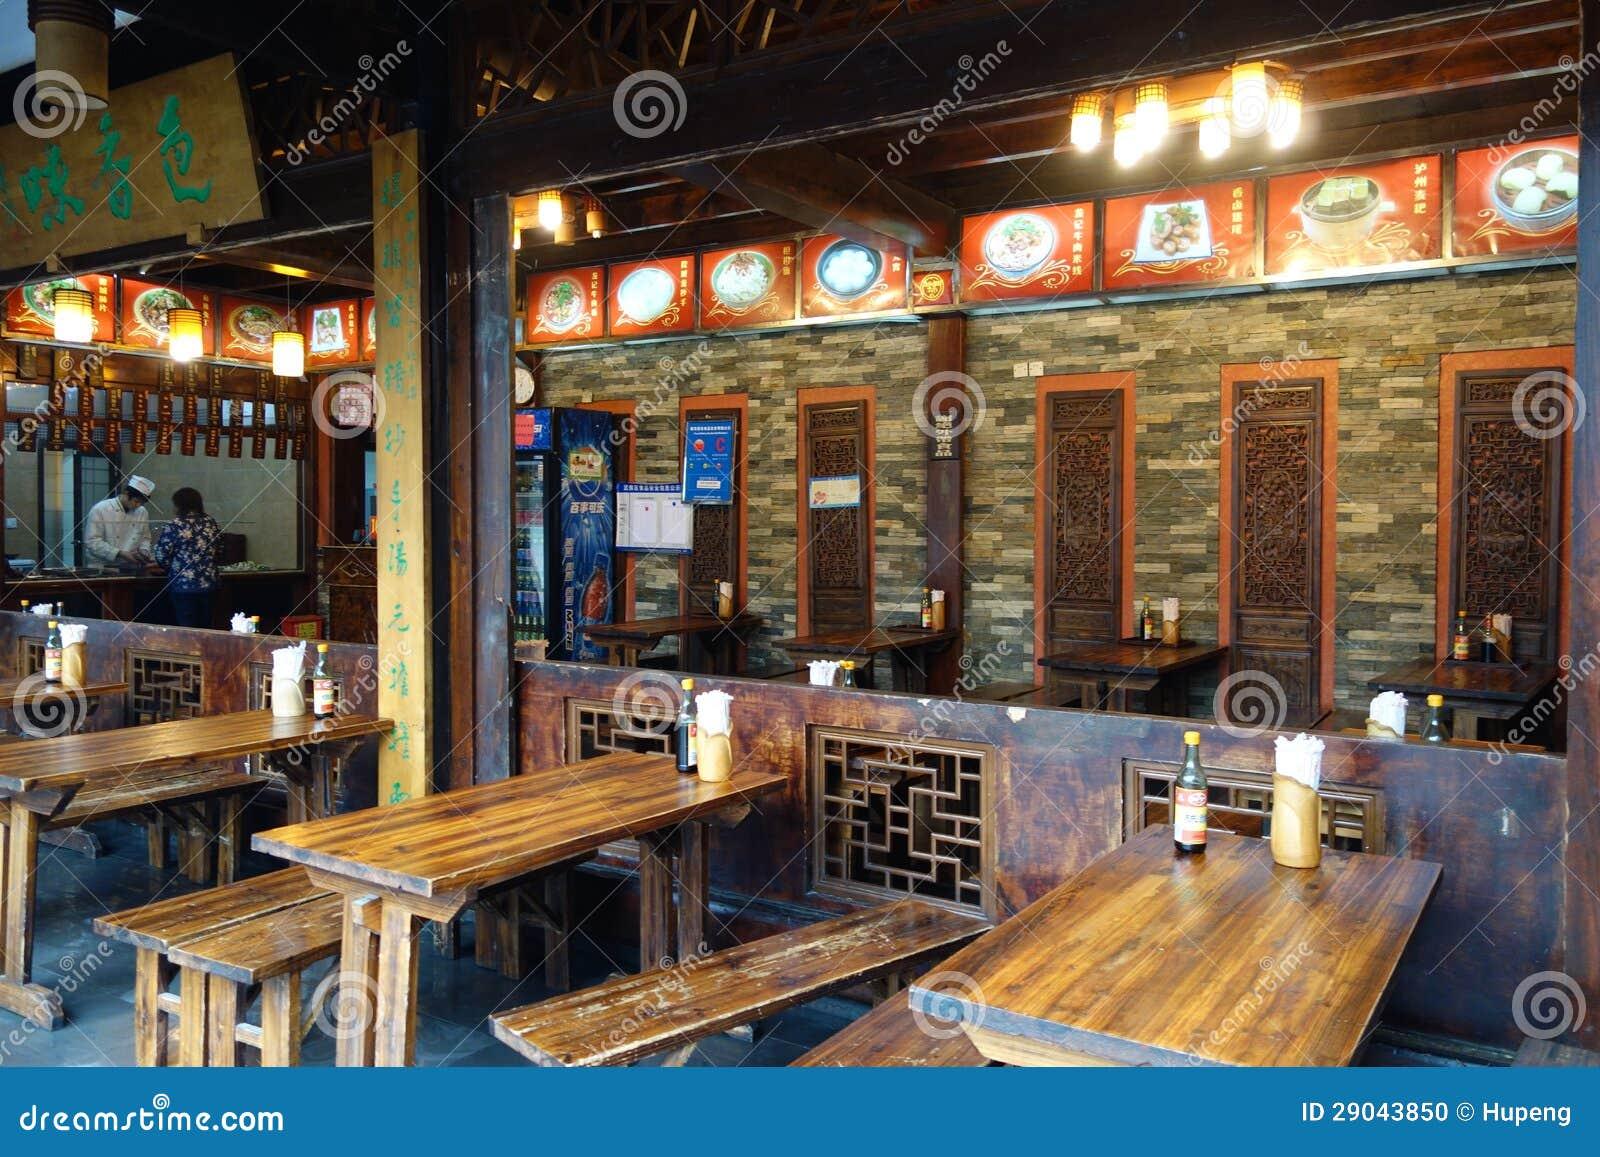 Kitchener Restaurants Lunch